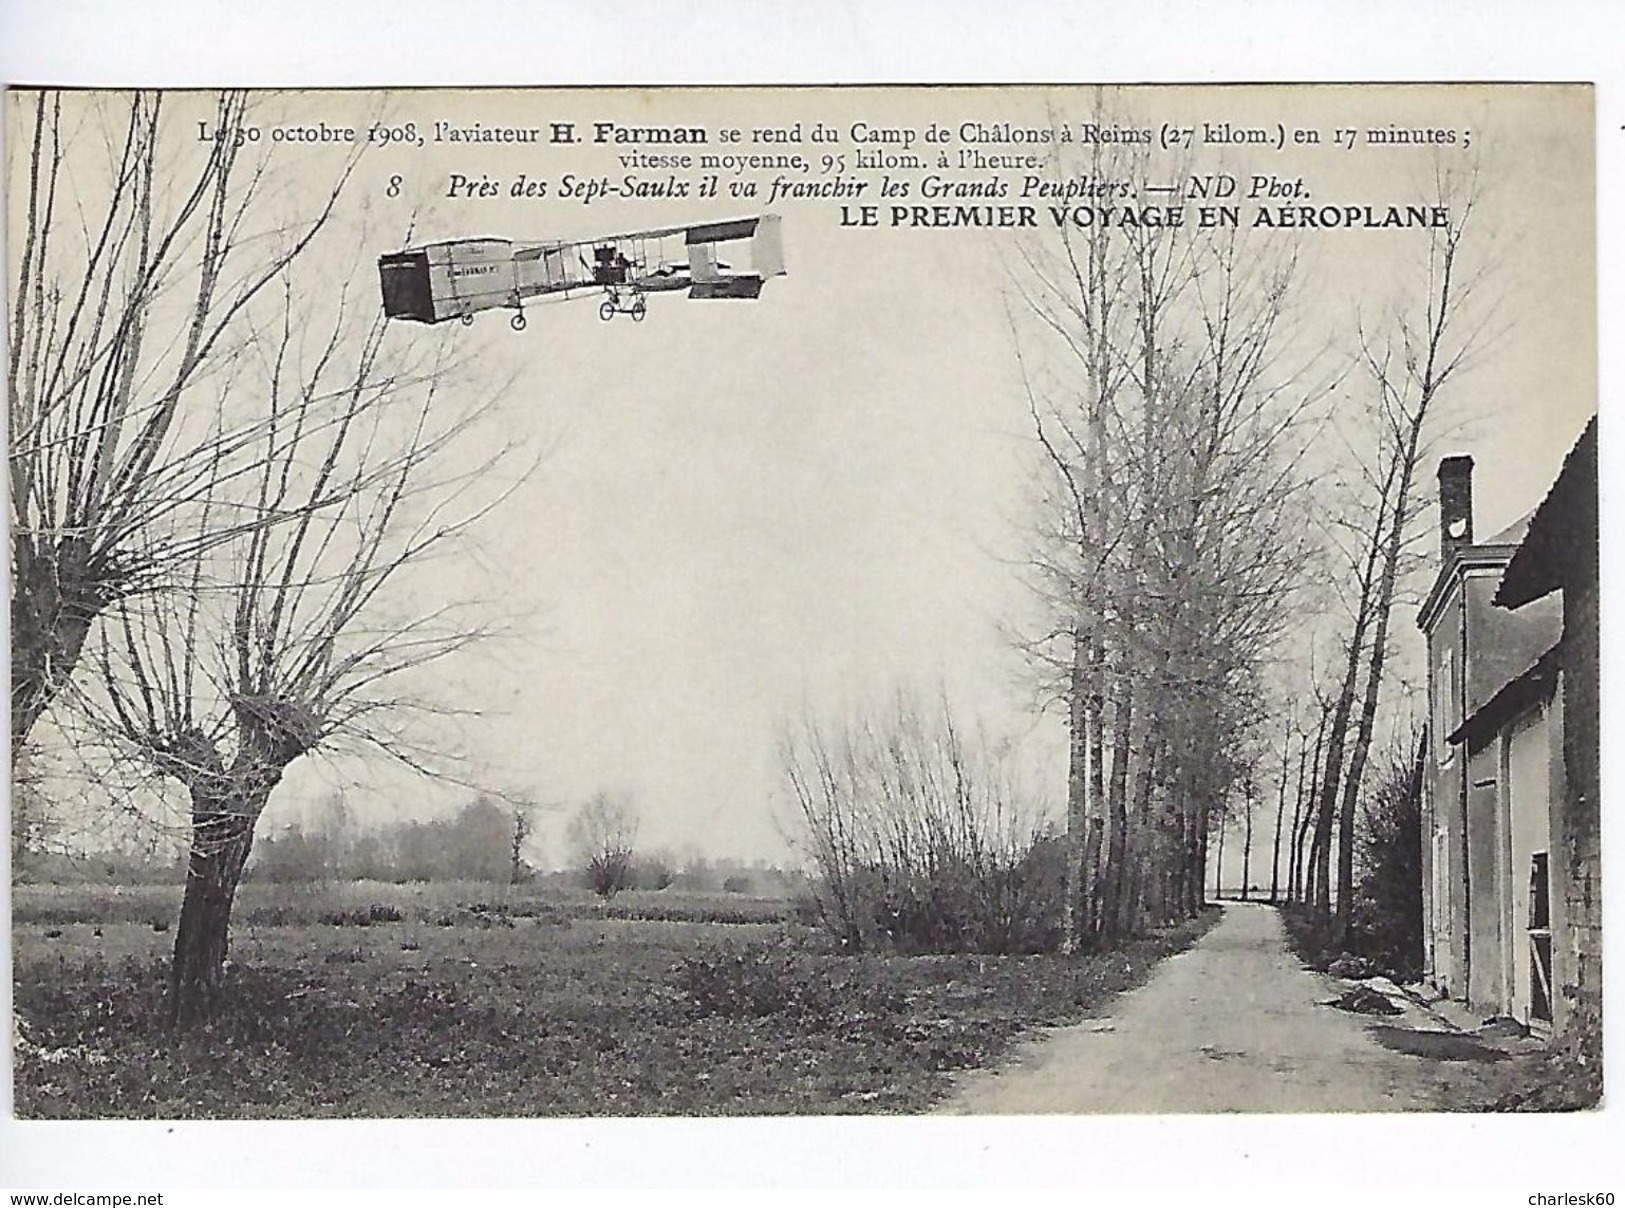 CPA Le Premier Voyage En Aéroplane 1908 Farman Près Des Sept-Saulx Il Va Franchir Les Grands Peupliers N° 8 - Aviateurs